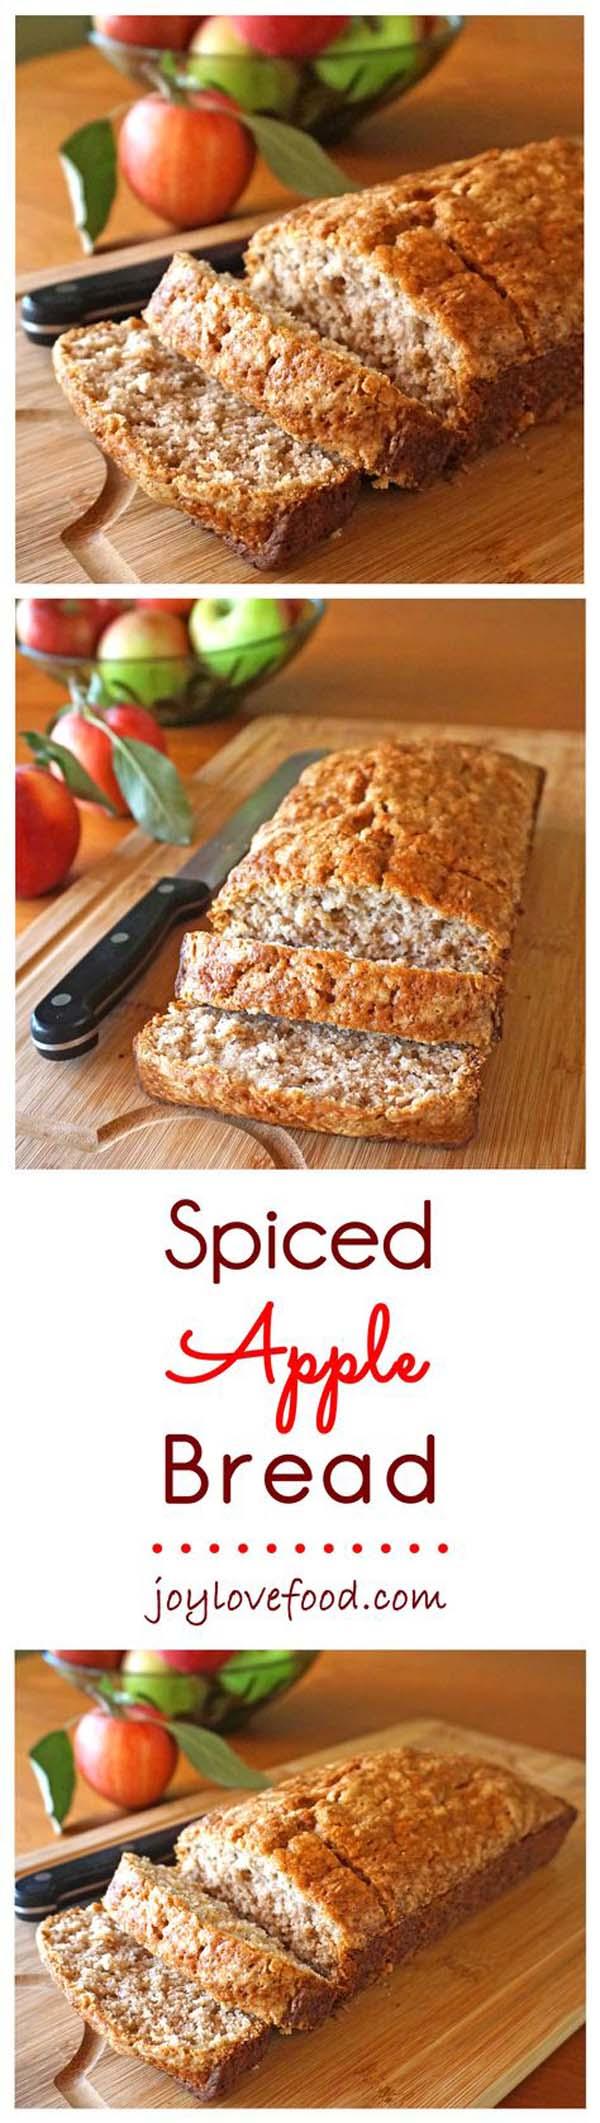 spiced apple bread recipe